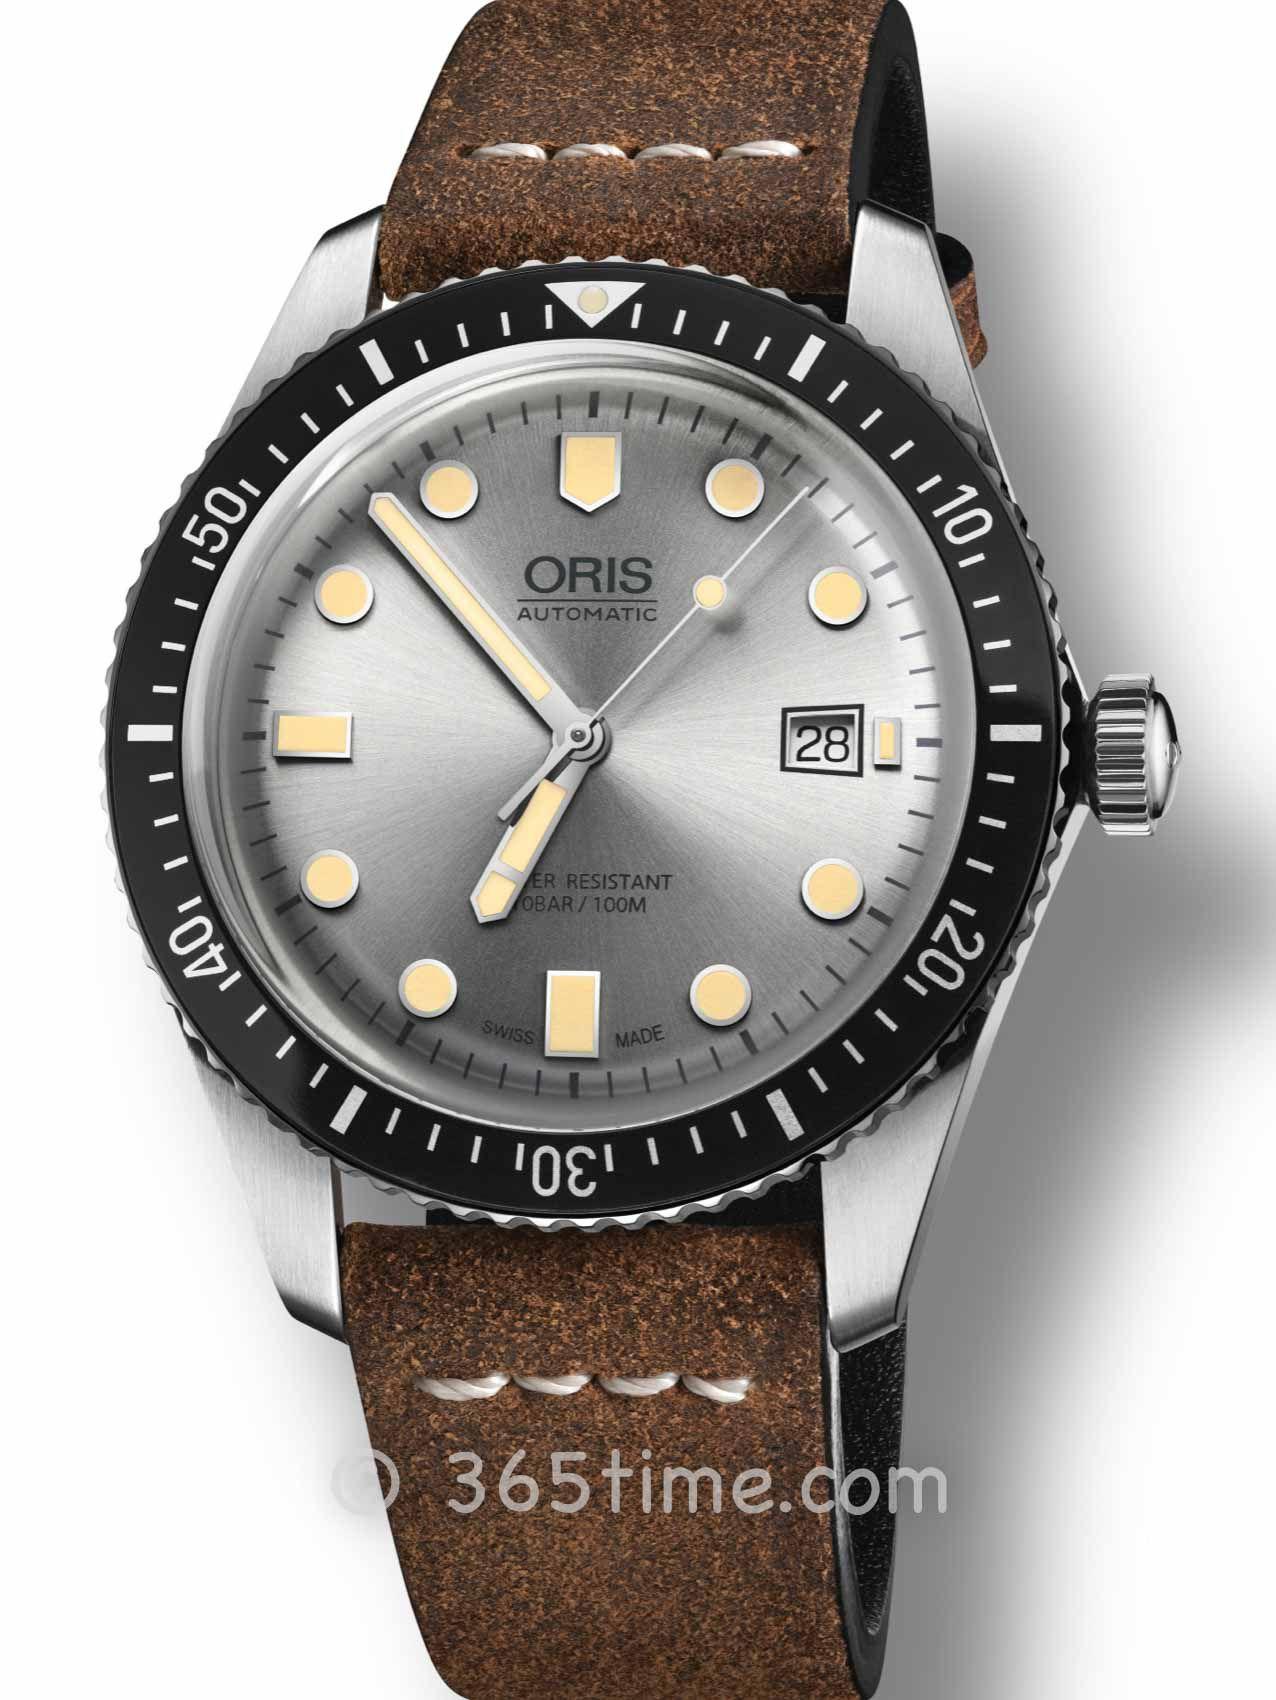 Oris豪利时潜水系列65年复刻版潜水腕表01 733 7720 4051-07 5 21 44